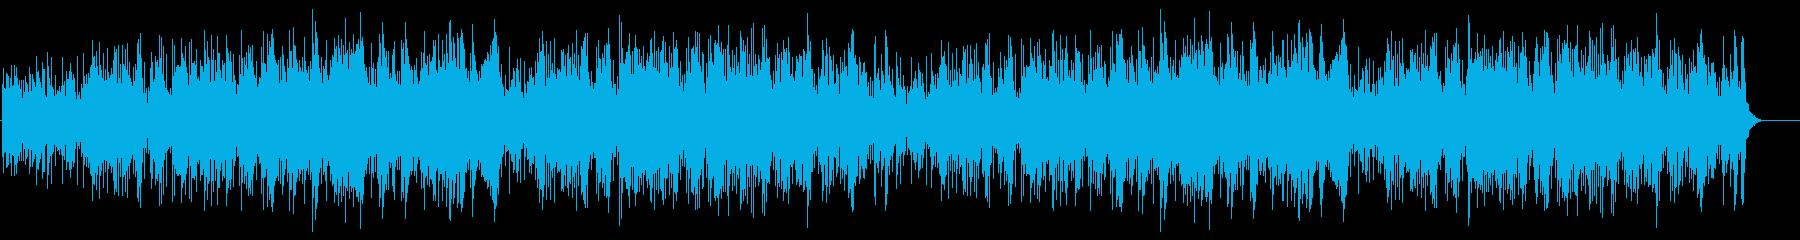 ウェディングに適した陽ざしの似合う楽曲の再生済みの波形